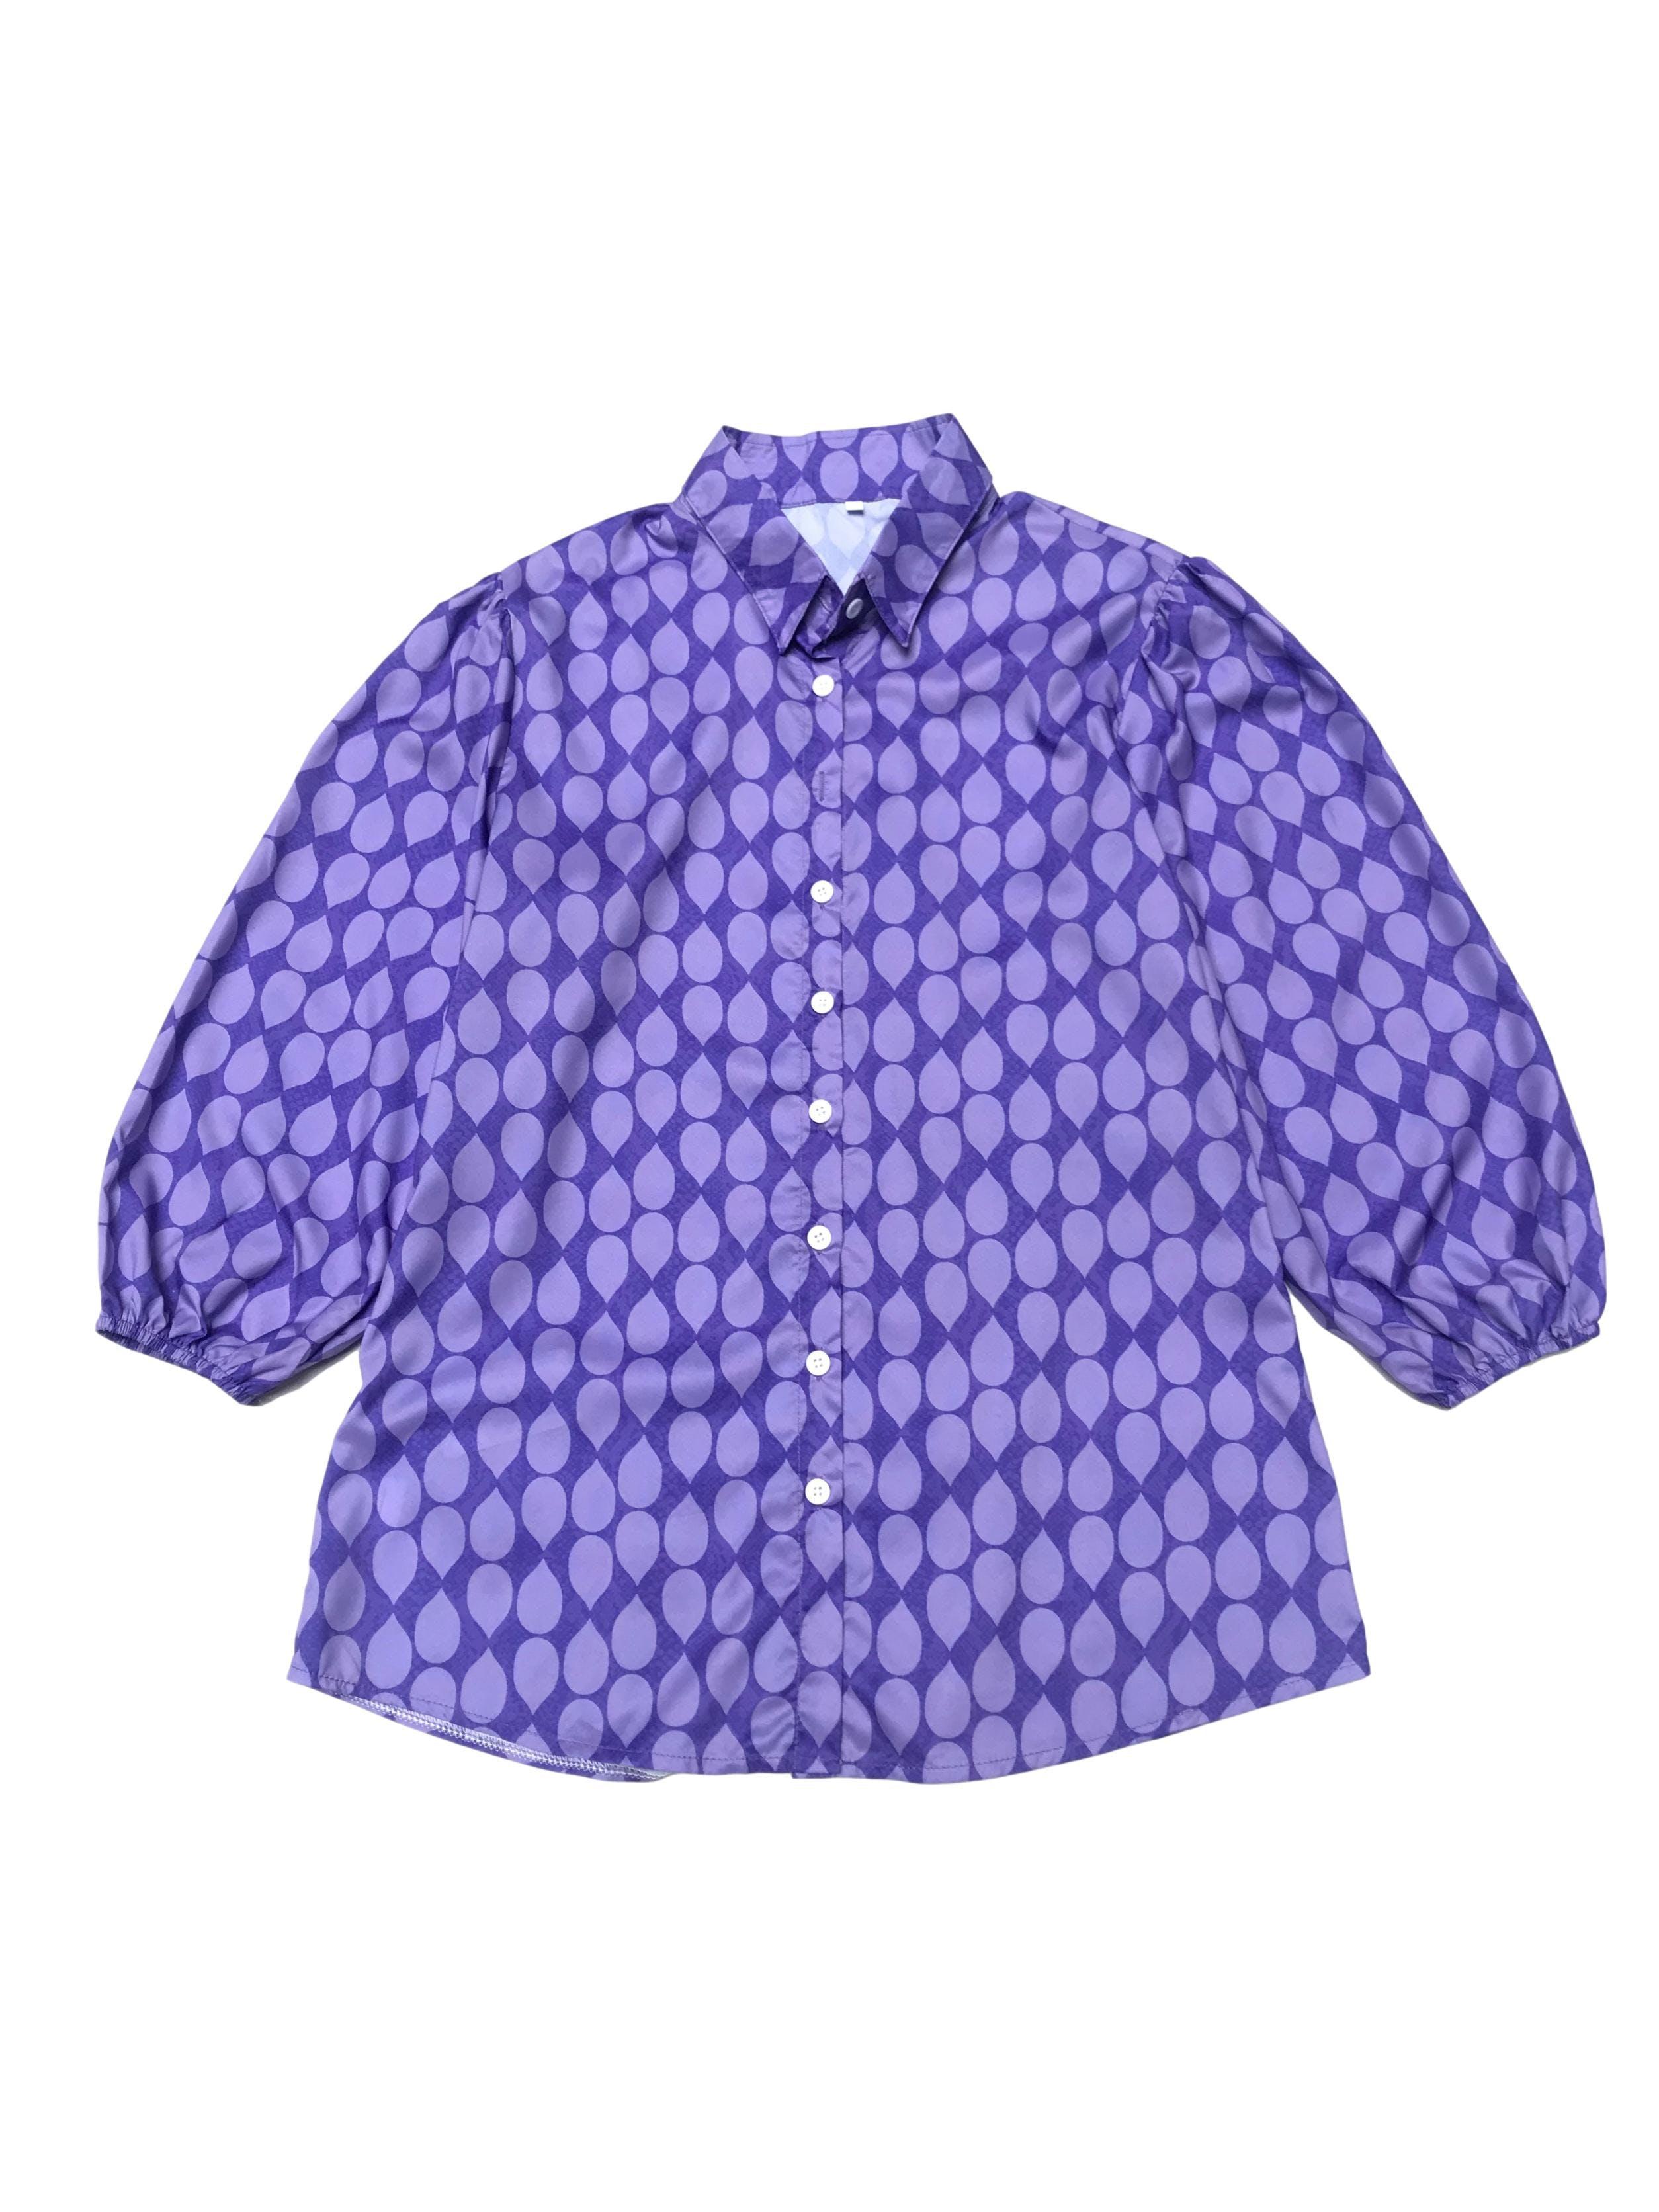 Blusa morada con pétalos lilas, mangas 3/4 abullonadas con elástico en puño